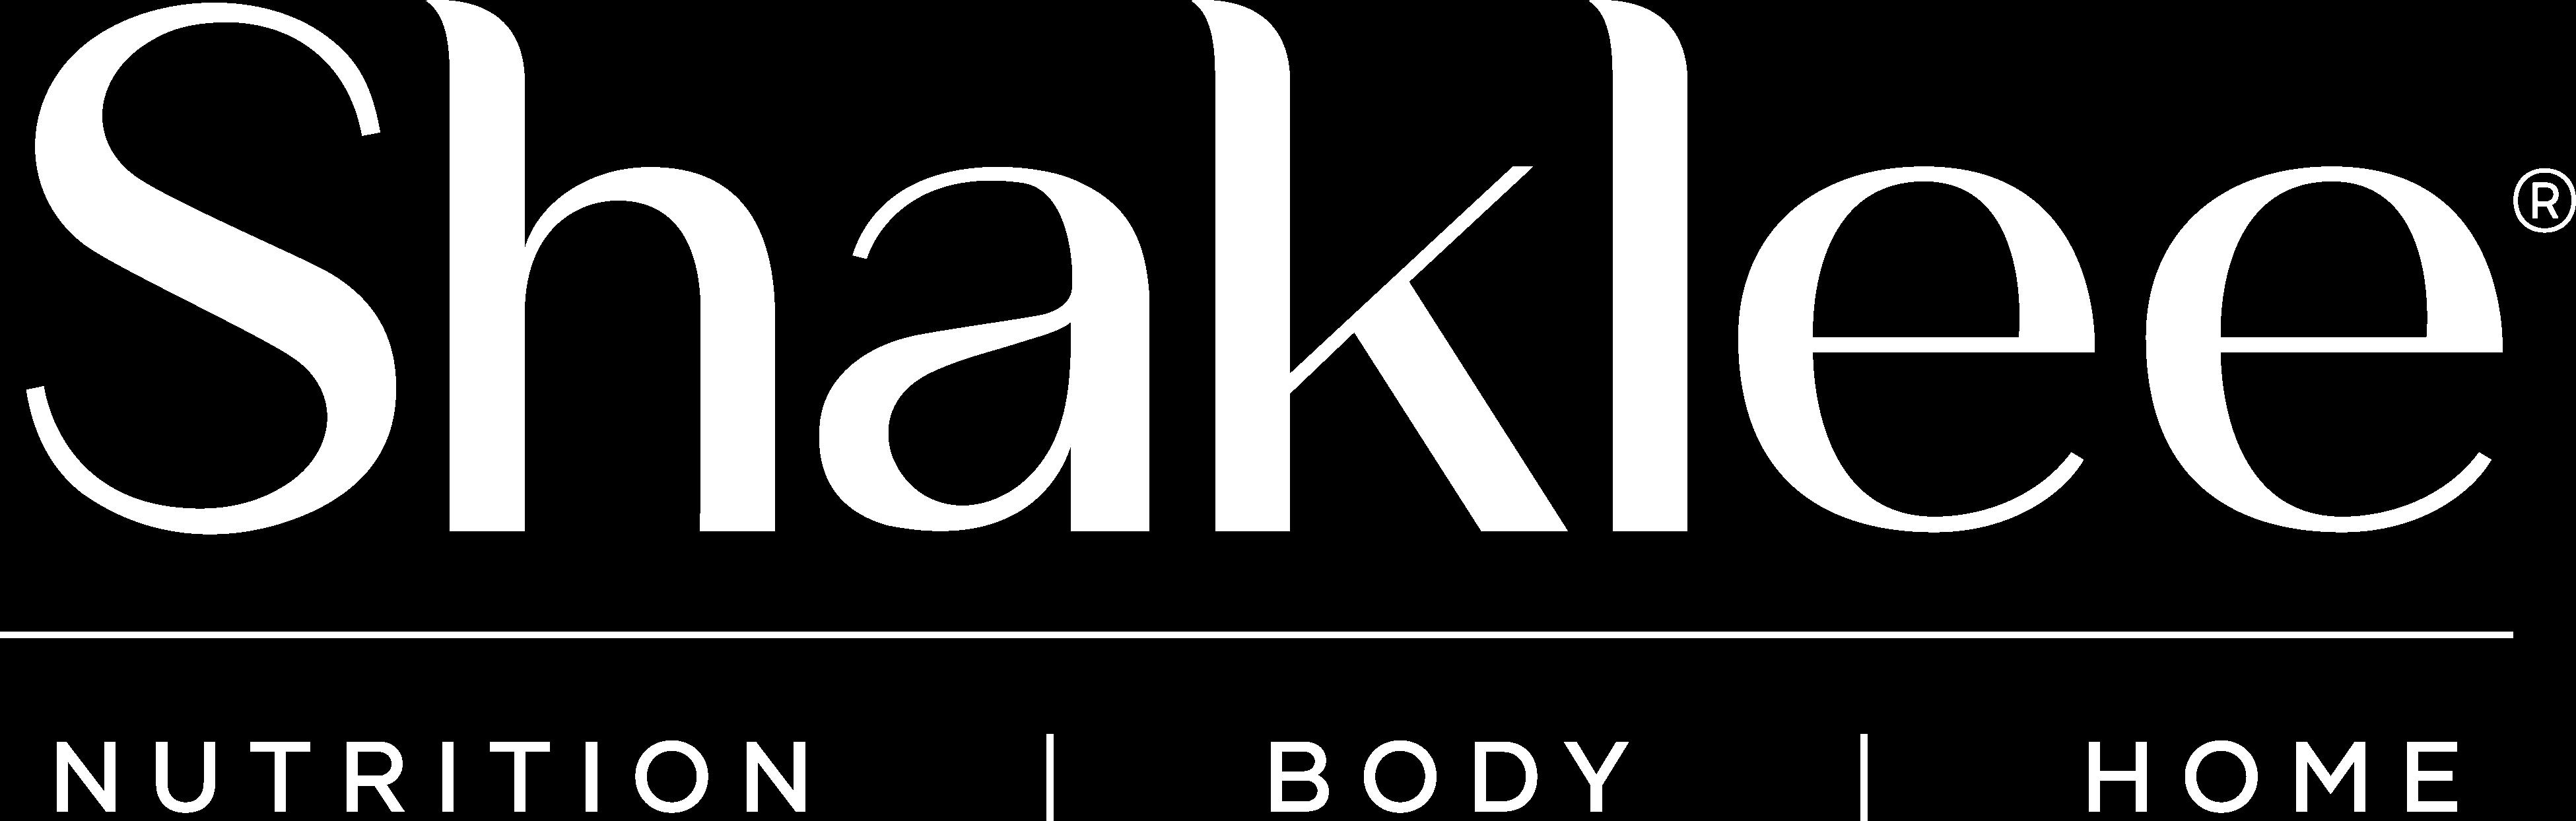 Shanklee